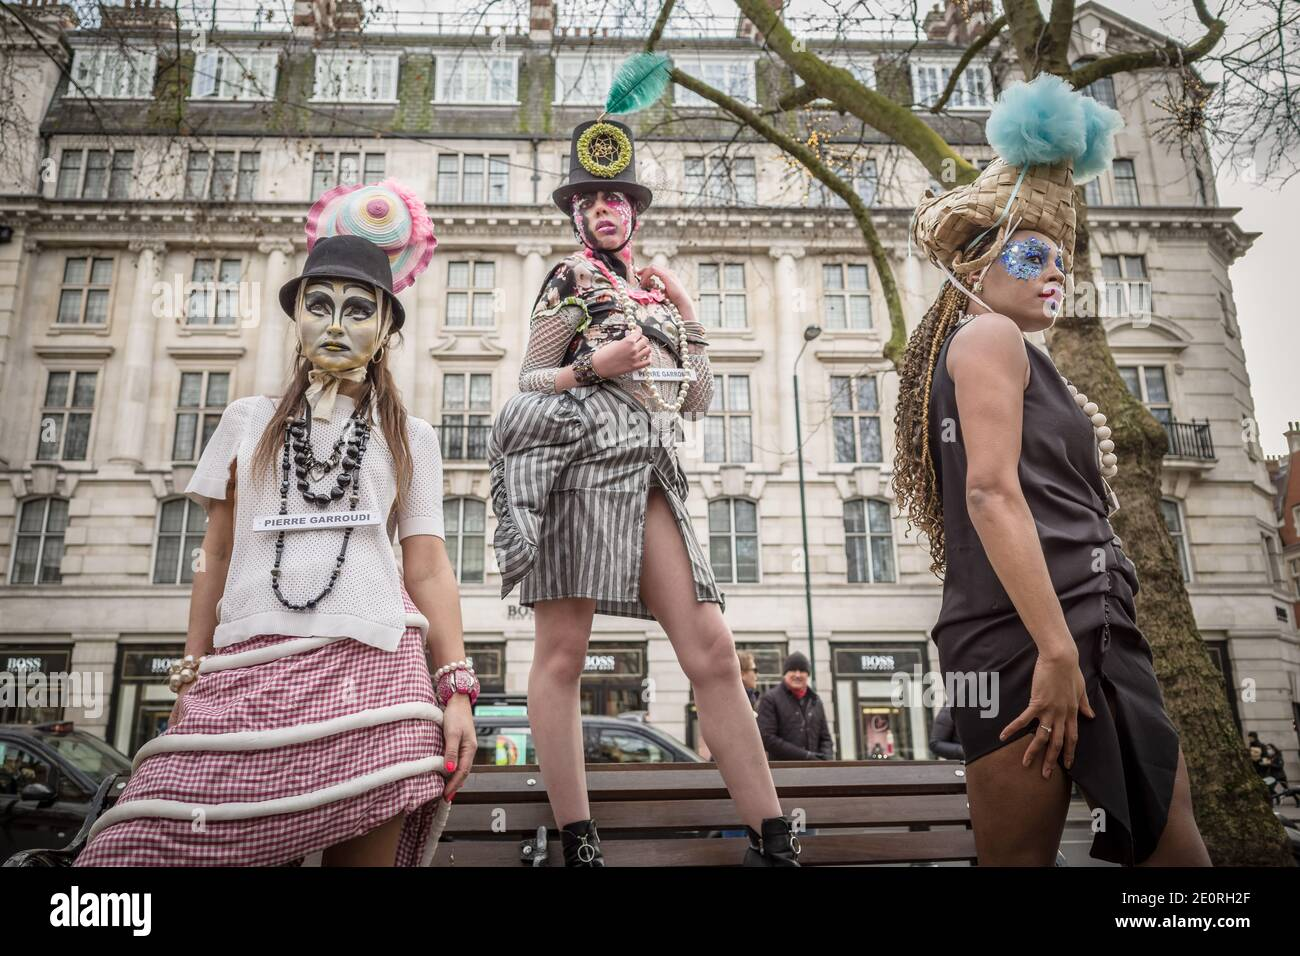 Londres, Reino Unido. 2 de enero de 2021. Los modelos participan en un colorido espectáculo de moda en la calle cerca de Sloane Square para el diseñador Pierre Garroudi. Crédito: Guy Corbishley / Alamy Live News Foto de stock